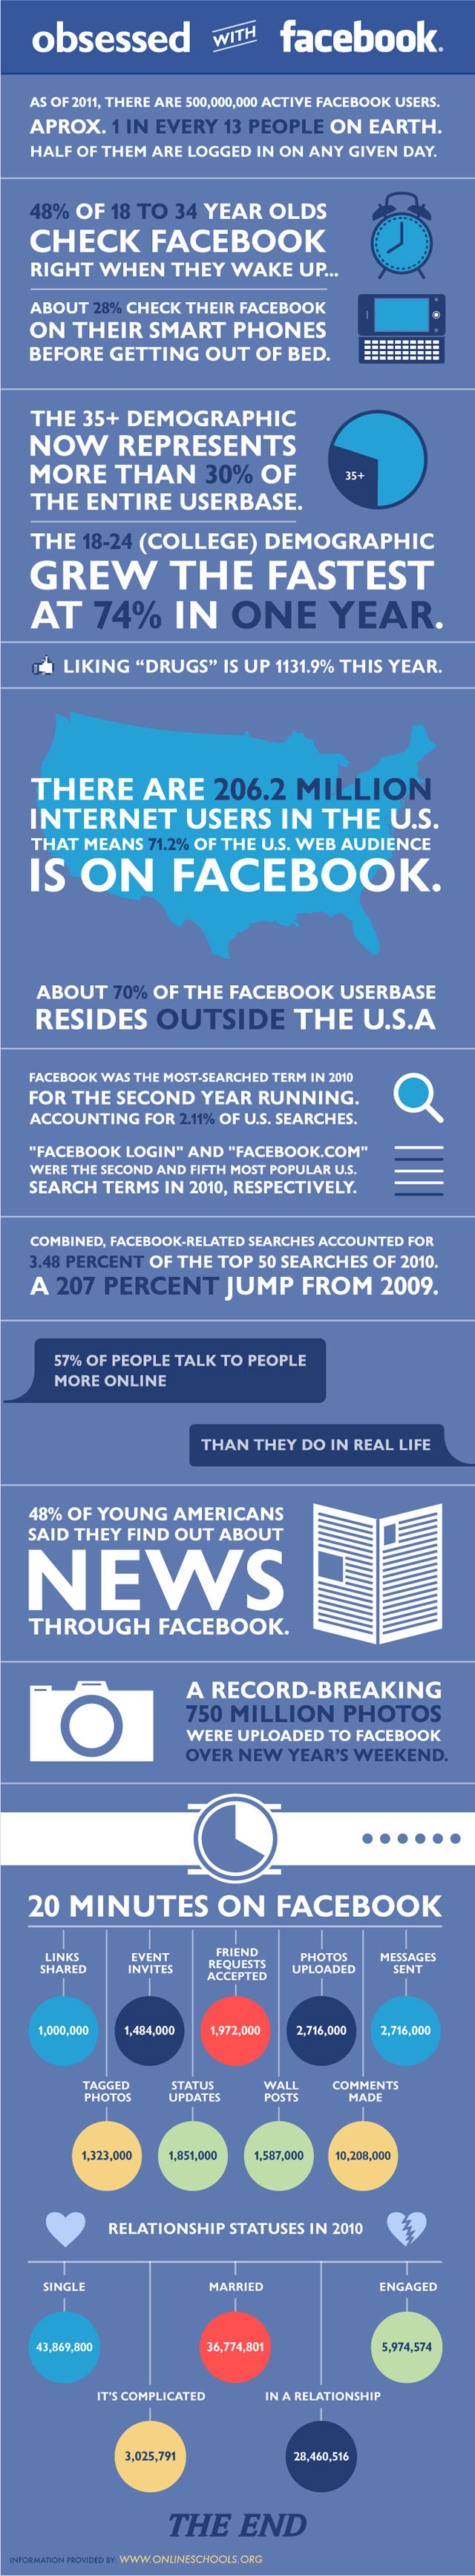 Etes-vous obsédé par Facebook?